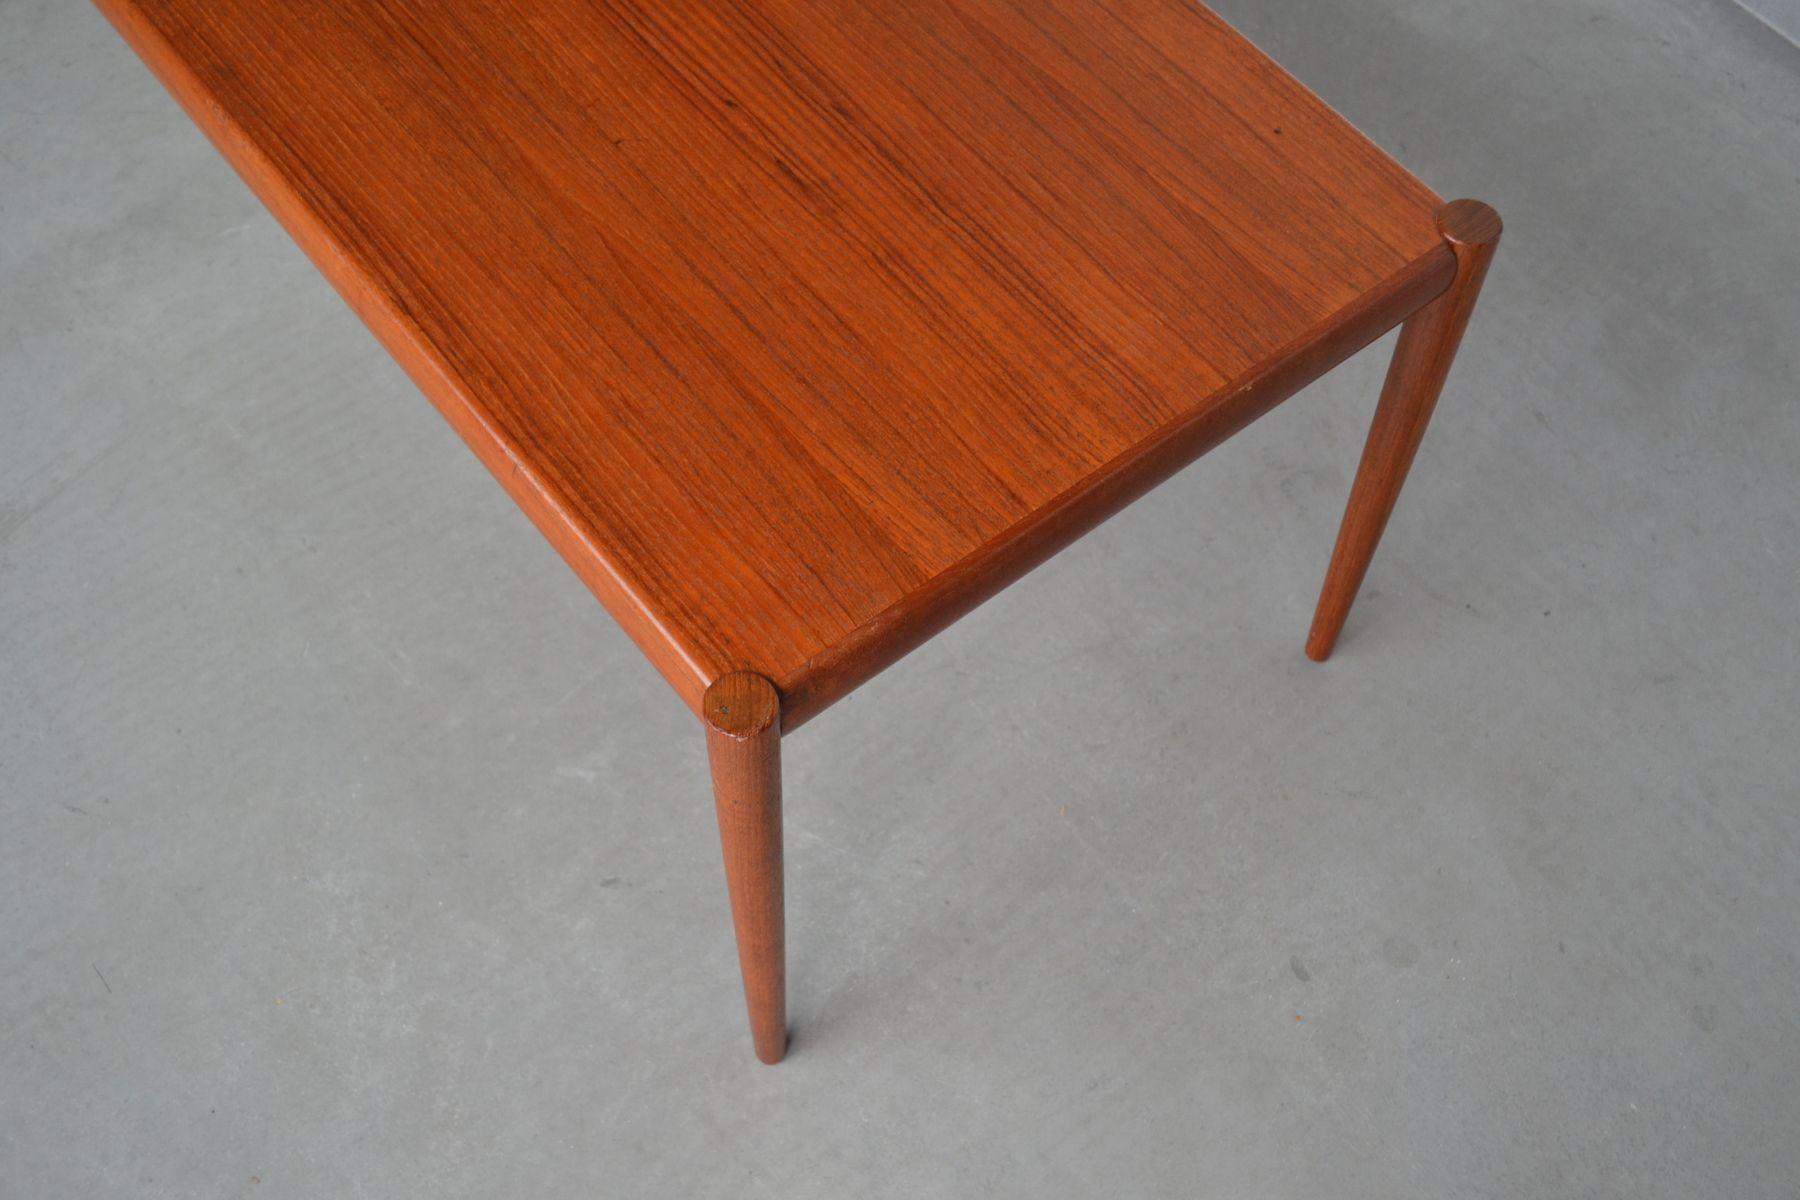 Danish Minimalist Teak Coffee Table 1960s For Sale At Pamono